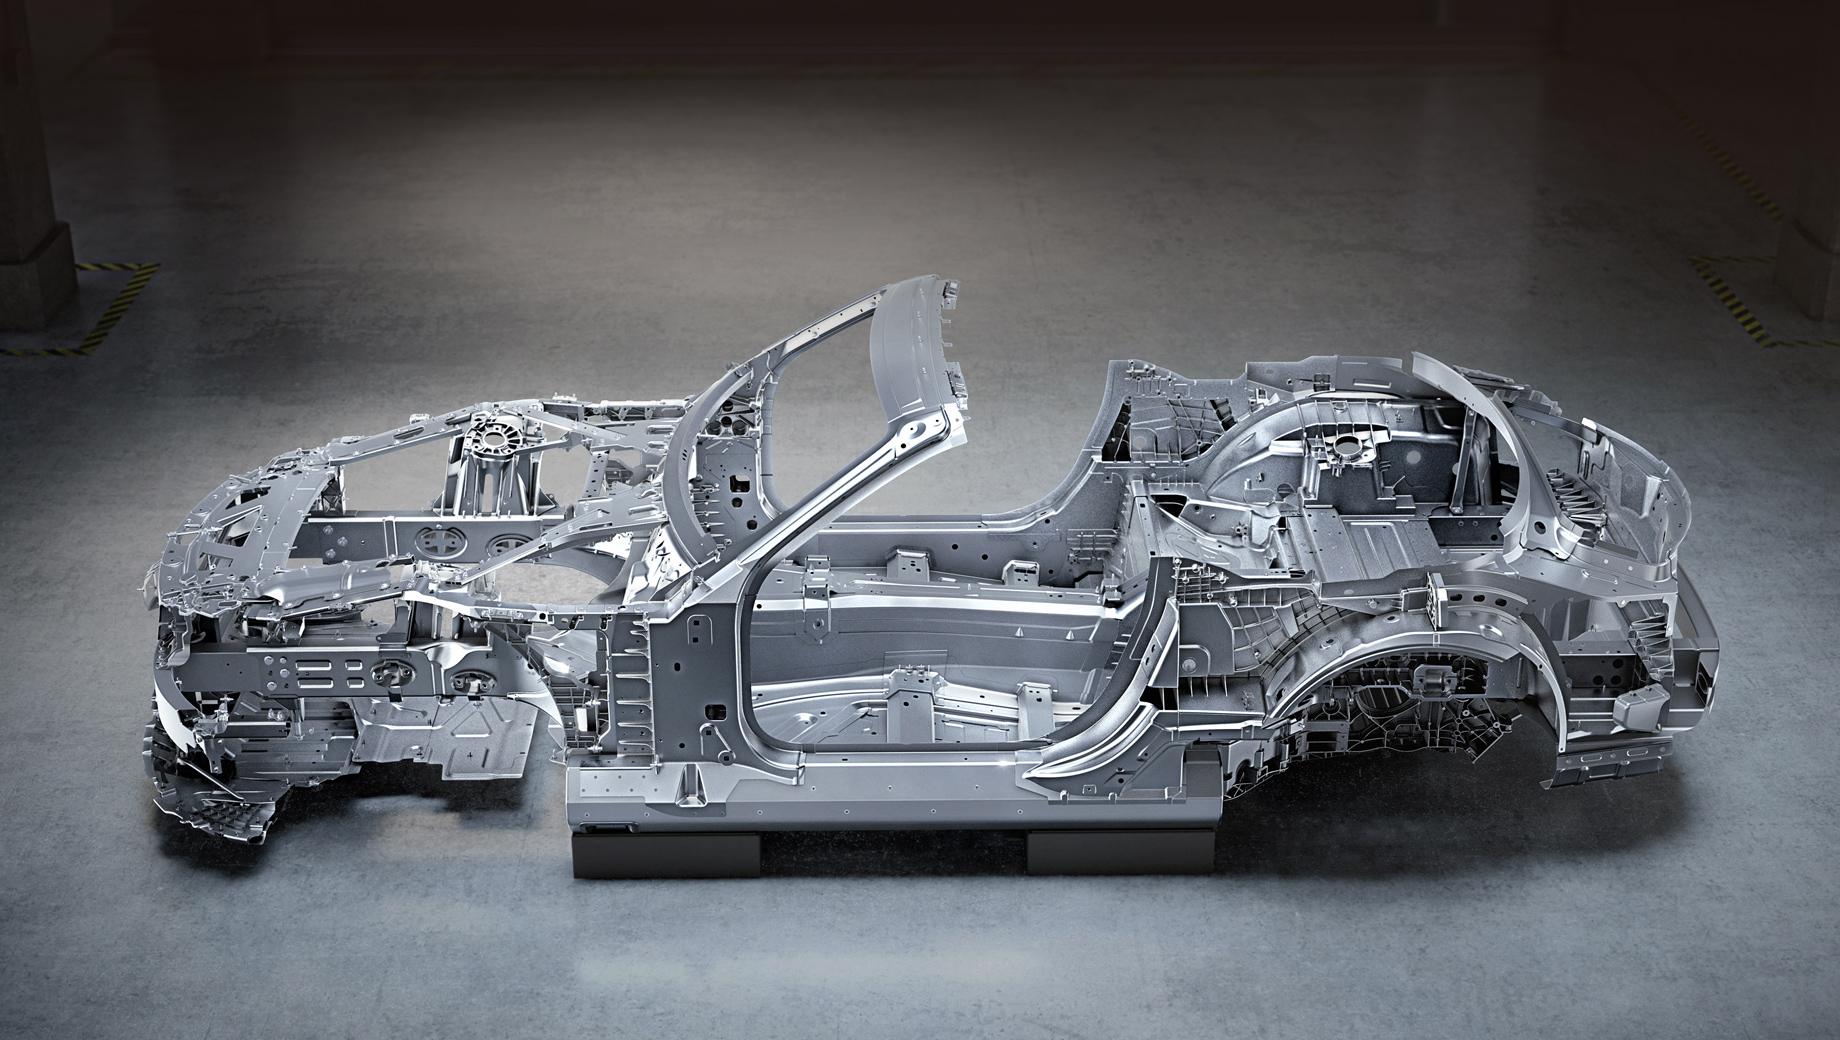 Mercedes sl,Mercedes -amg,Mercedes -amg sl. Разработчики называют эту основу родстера пространственным каркасом, совмещённым с несущей конструкцией. Выпускать модель будет тот же завод в Бремене, что отвечал за предшествующий SL.